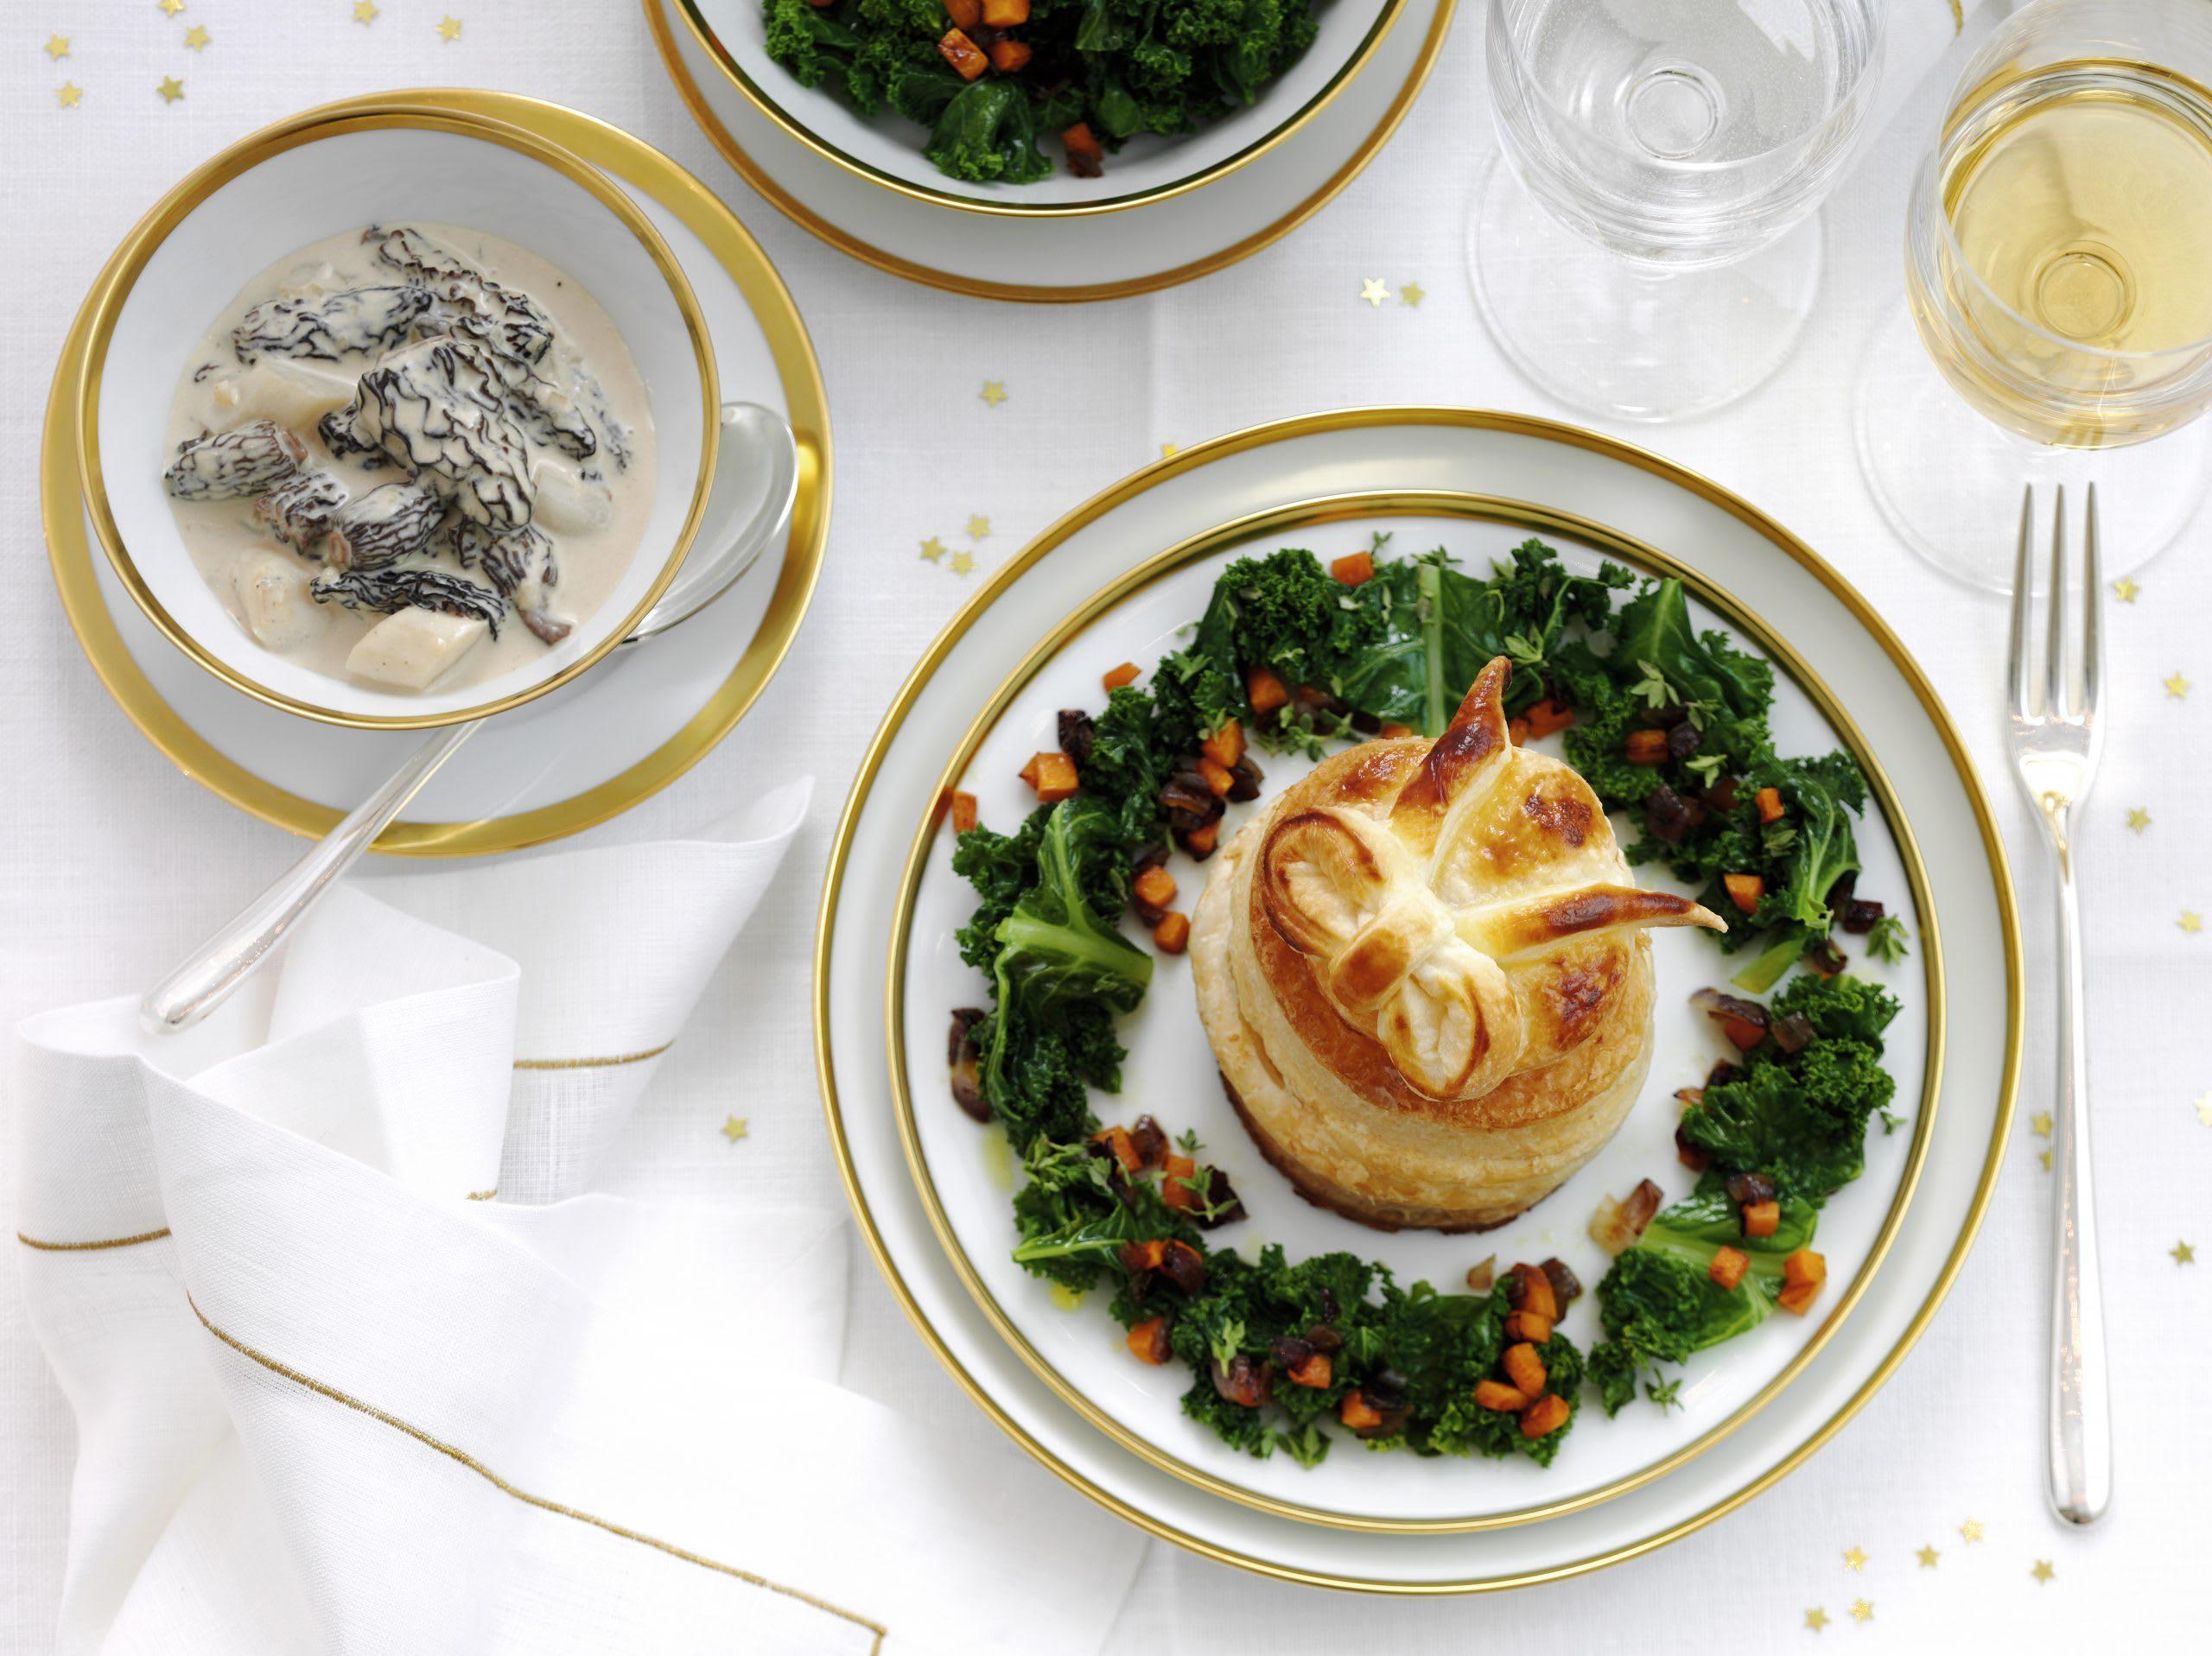 Pastetli vegetarisch mit Federkohl und Rüebli